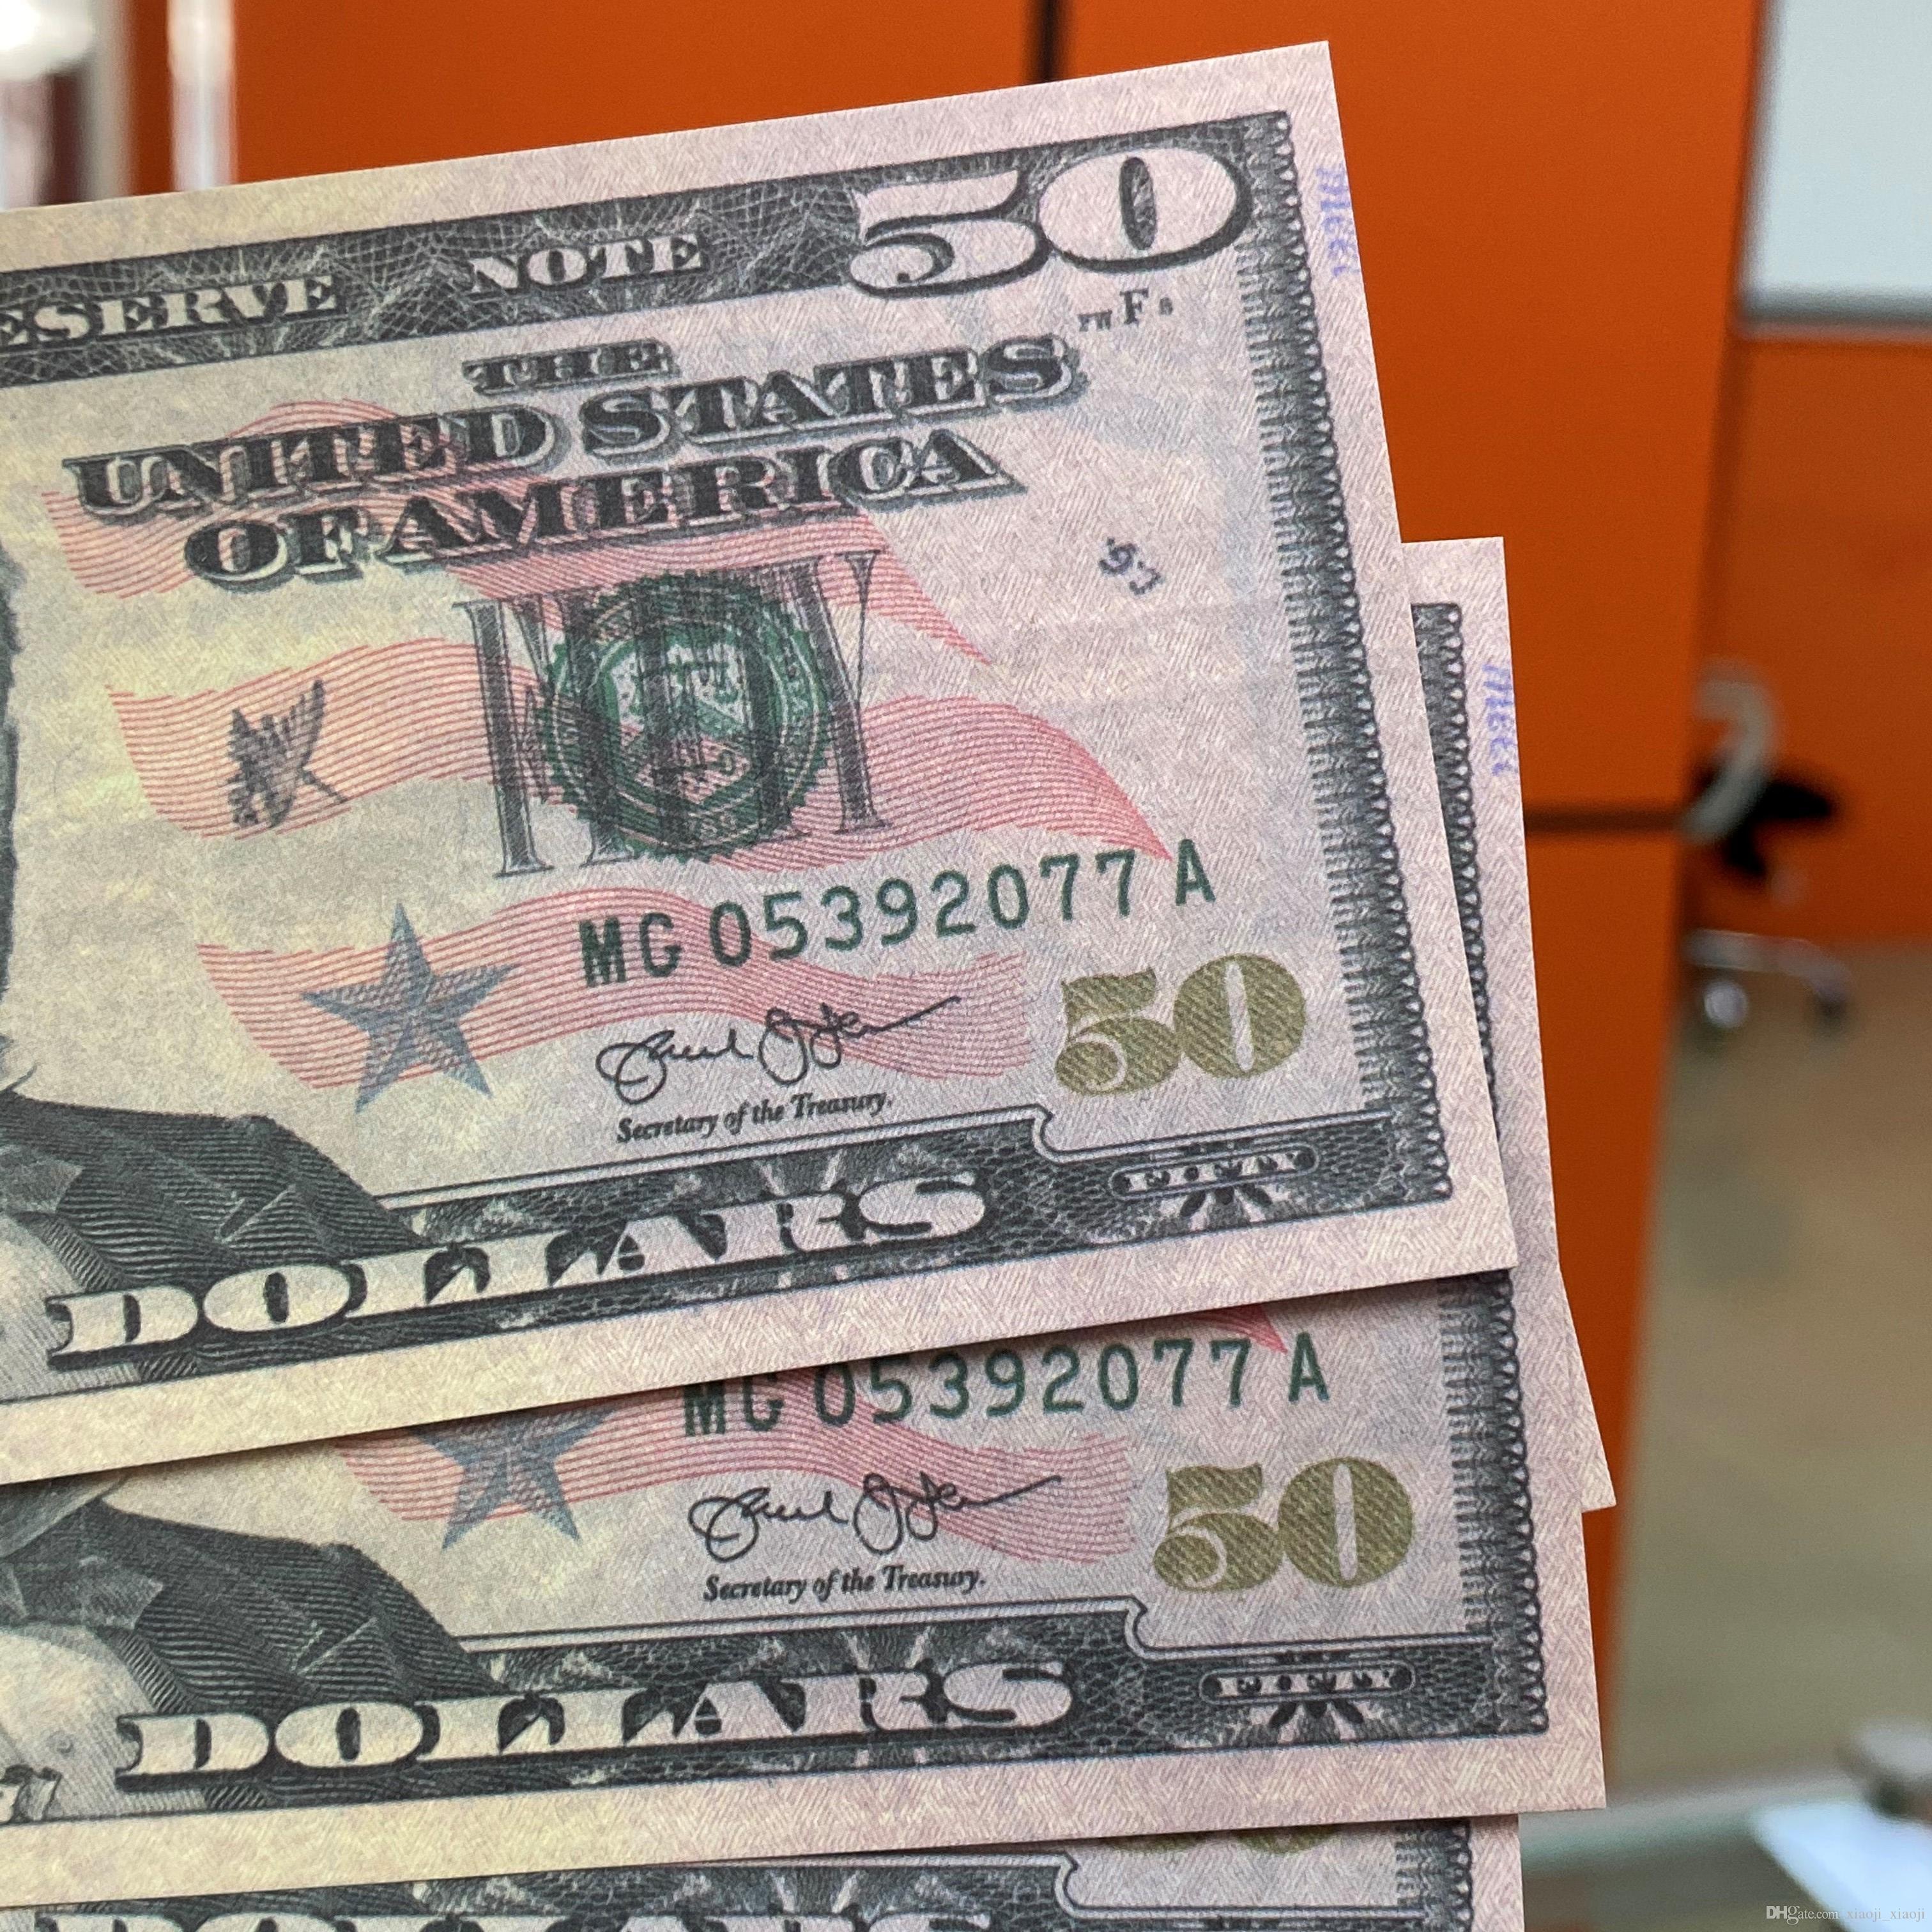 Деньги Игрушки Деньги Деньги Считать для фильма 50 Доллар Образование США Бумага притворяется ОПТ Биллс Деньги поддельные Обучения 08 FBXNX